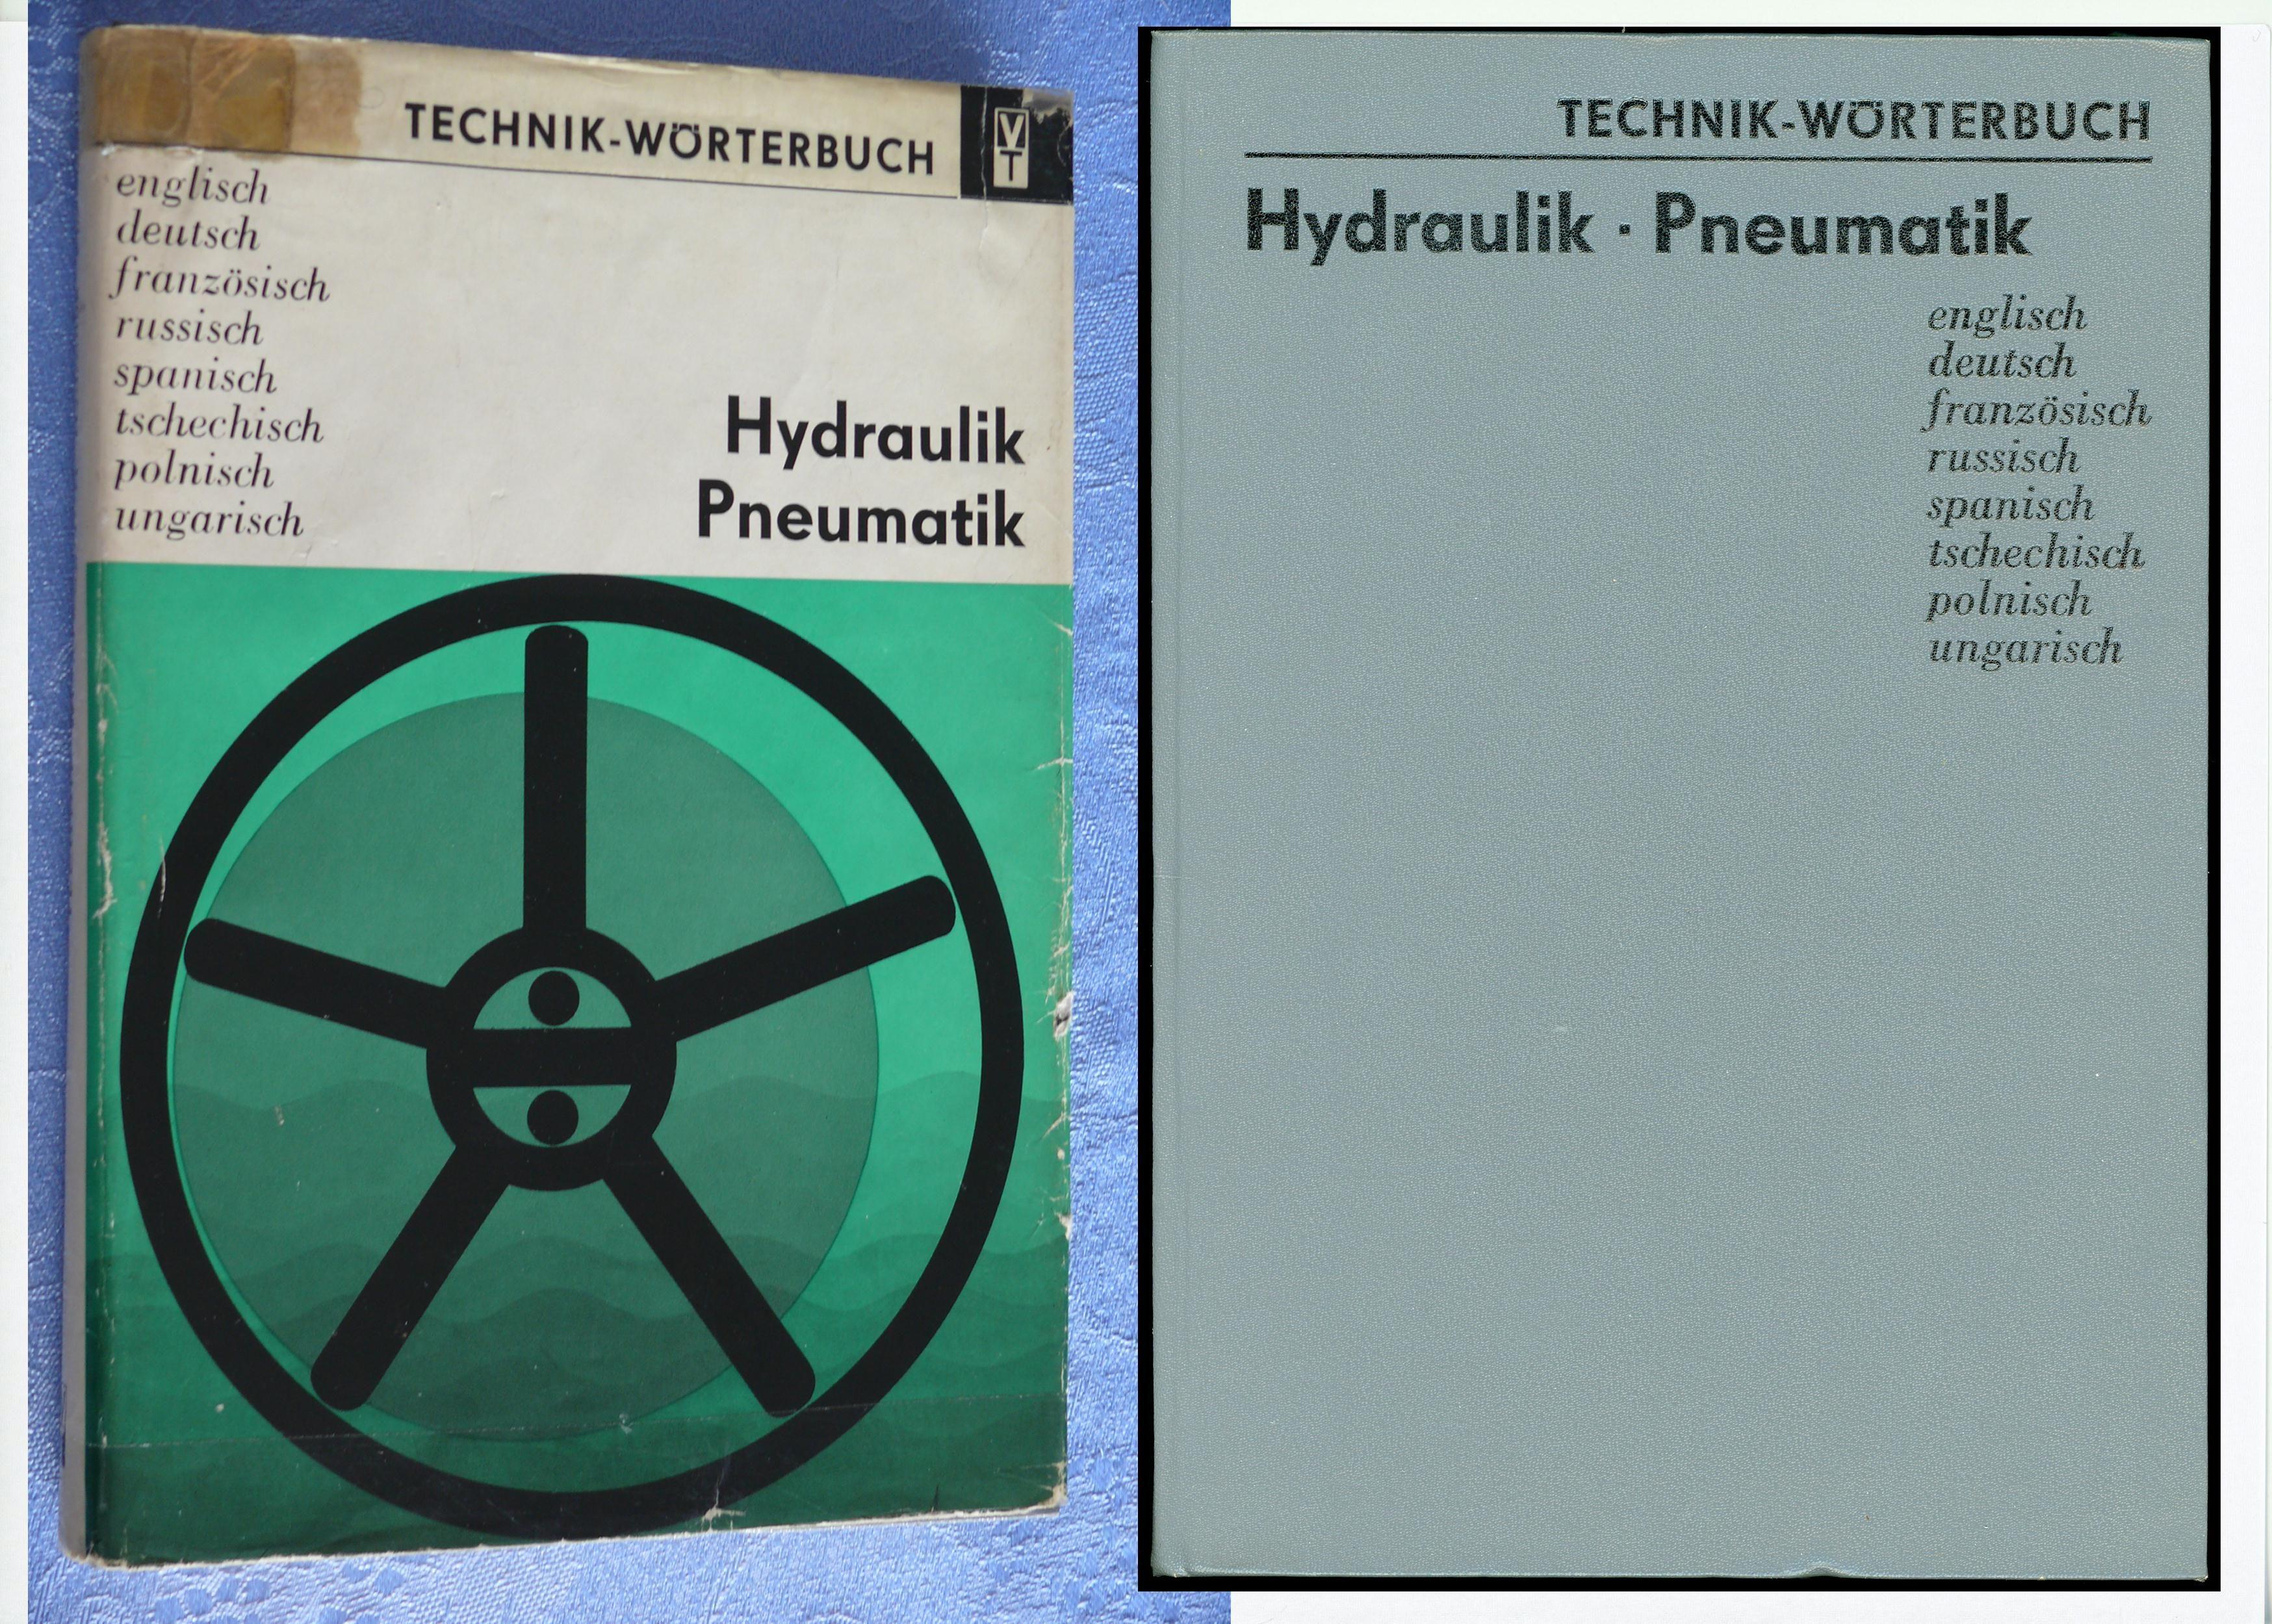 Dictionnaire technique Hydraulique-pneumatique (8 langues)  25 Saint-Laurent-de-Mure (69)